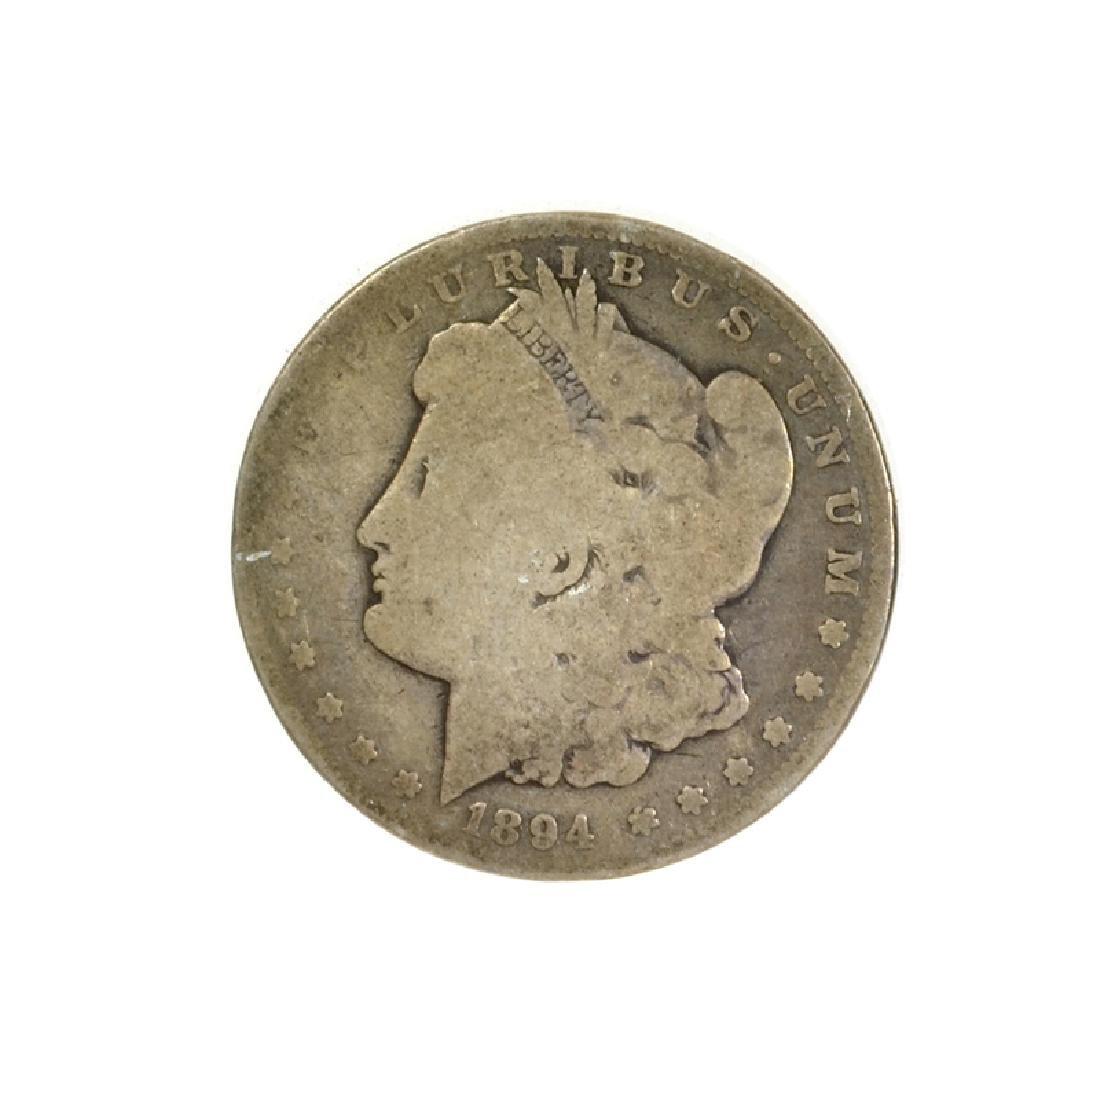 1894 Morgan Dollar Key Date Coin